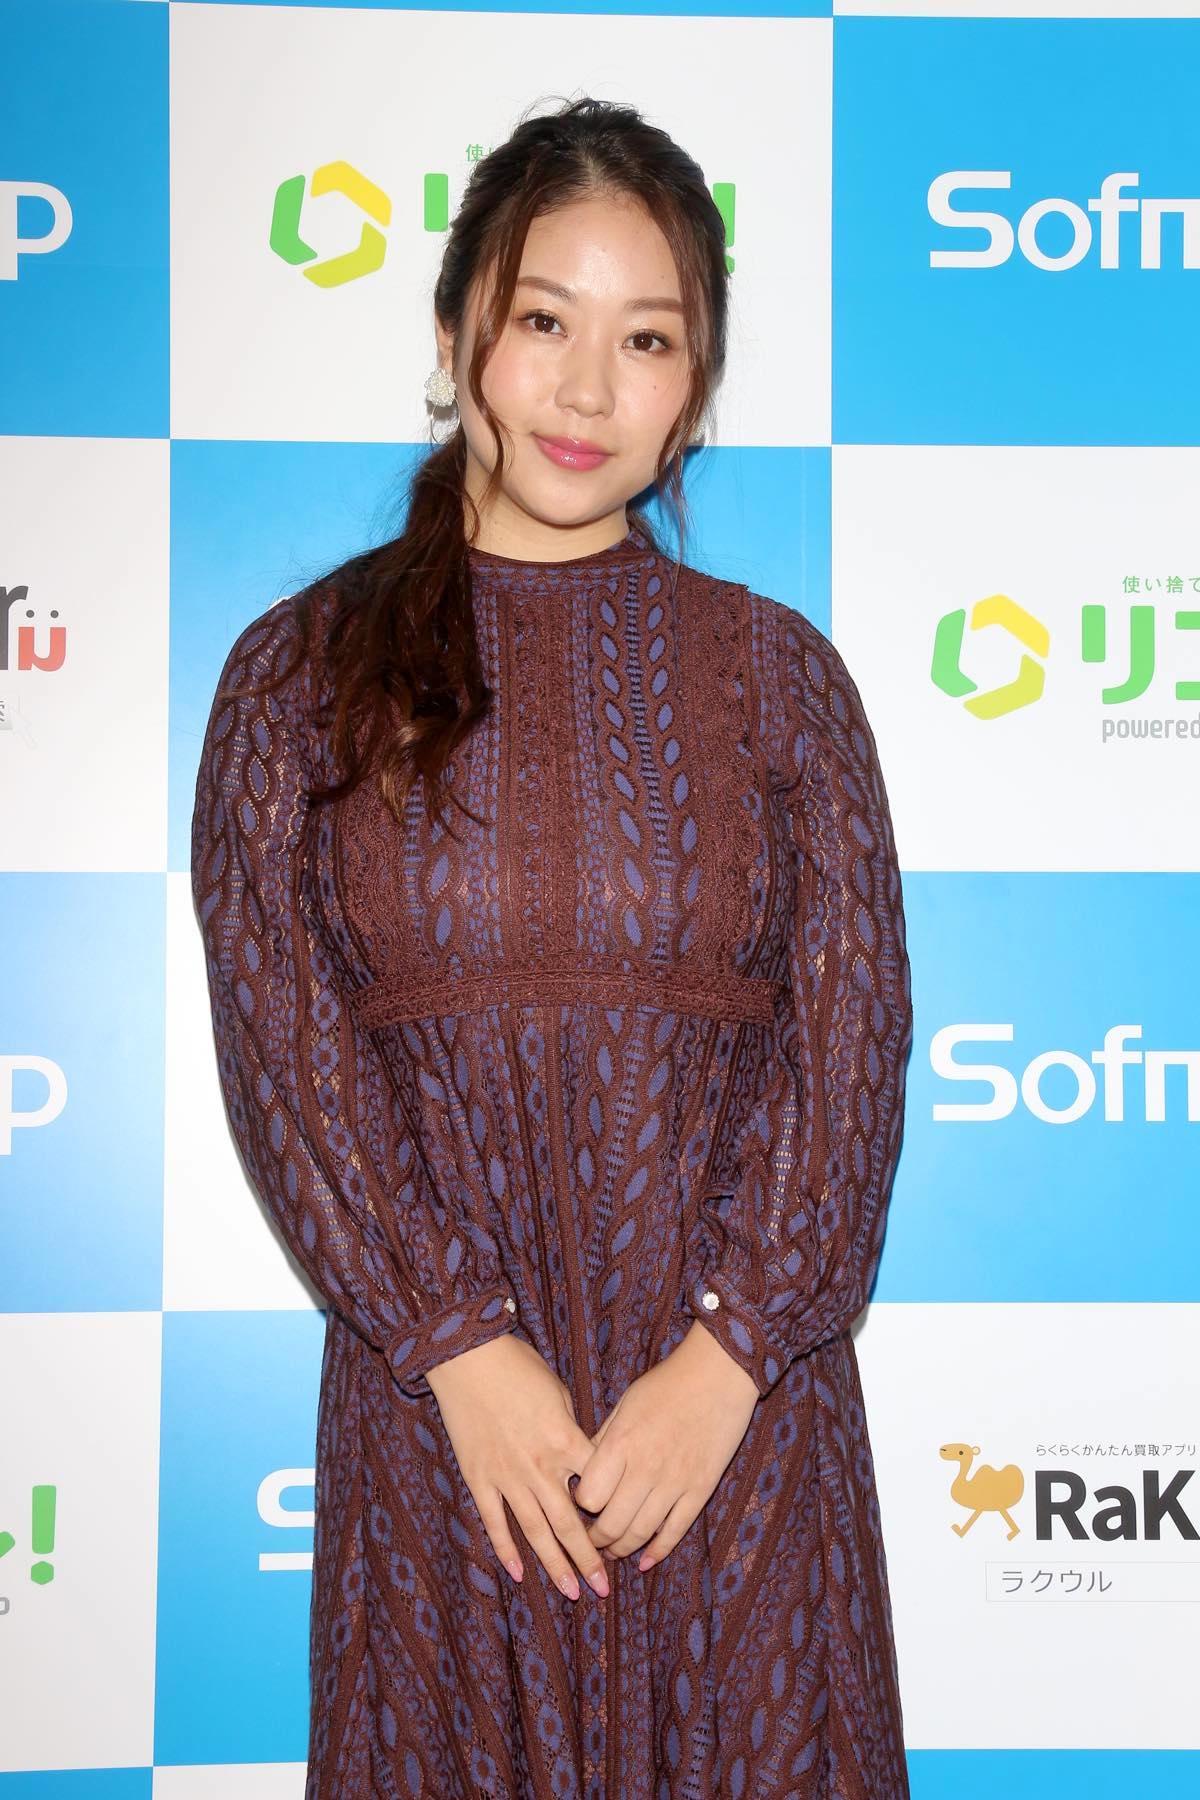 西田麻衣「きわどい水着が多かった」44枚目のDVDでも攻めまくり!【写真37枚】の画像001